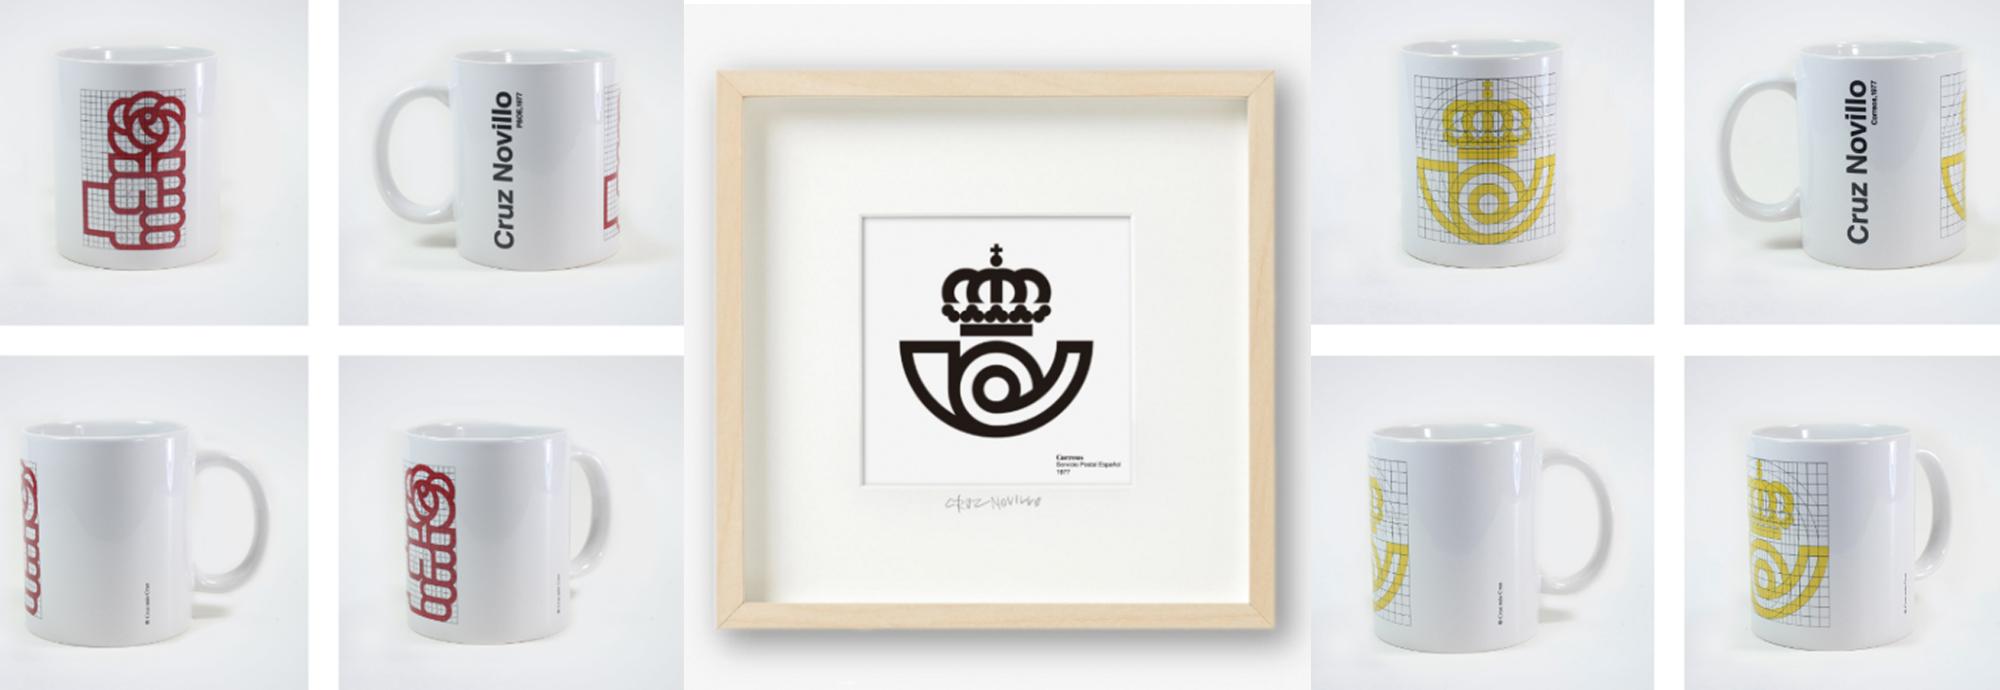 PSOE y Correos, dos logotipos icónicos de Cruz Novillo